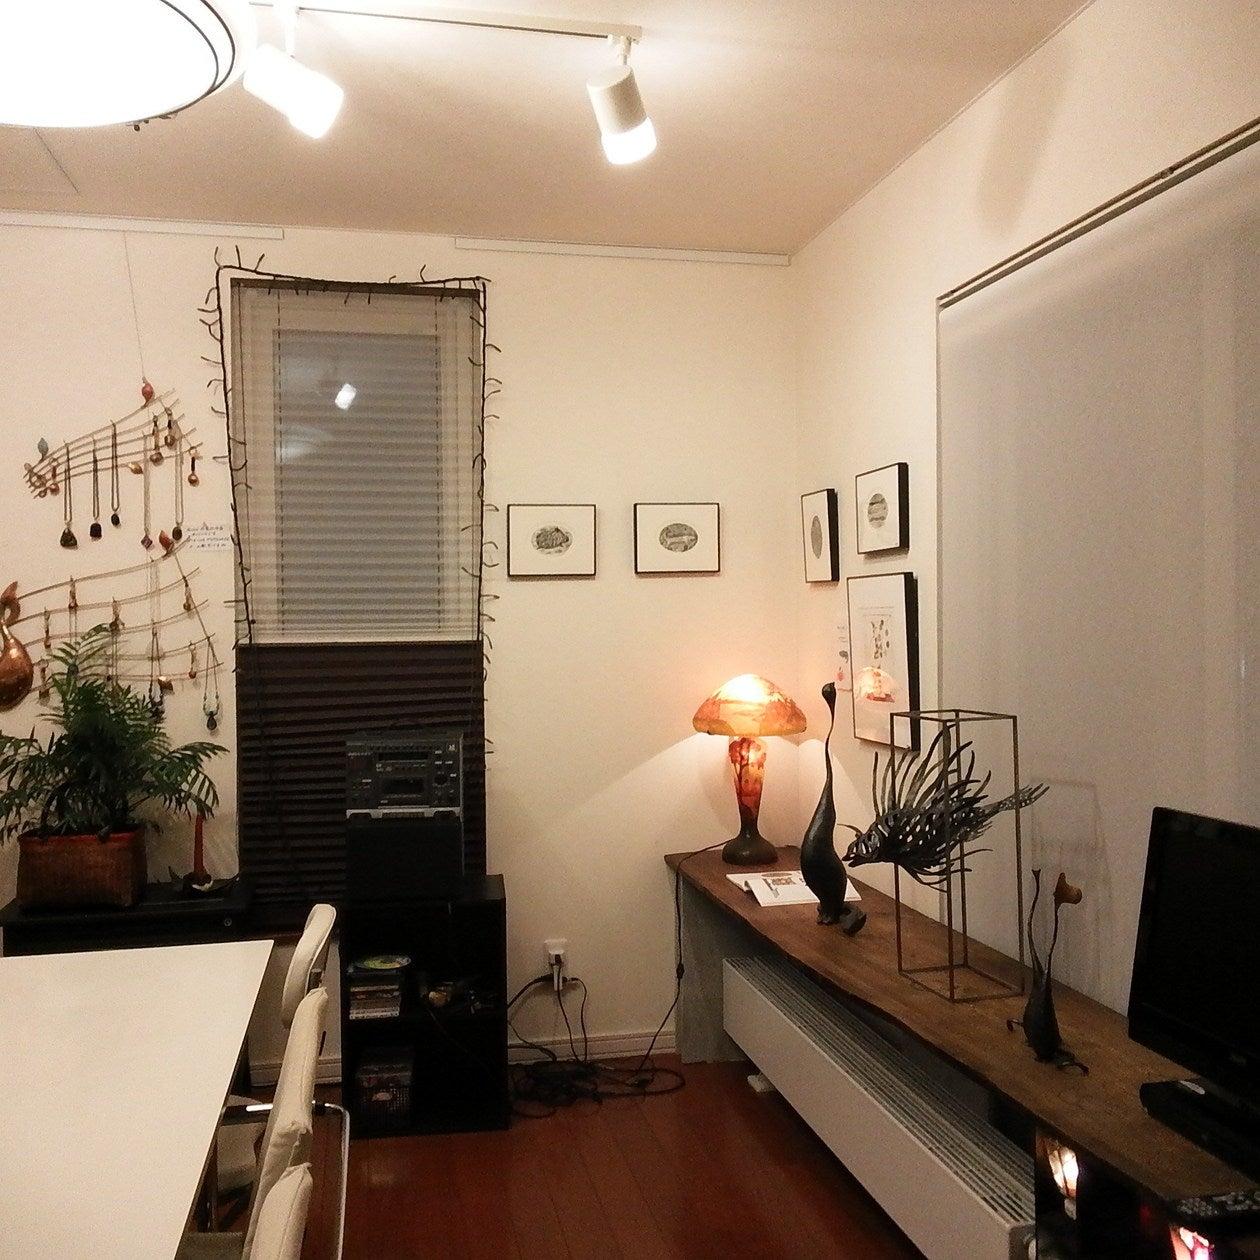 キッチン付きレンタルスペース。GALLERYスペースをパーティー・会議・各種レッスンルームなど多目的に使えます。(アートサロン細川) の写真0